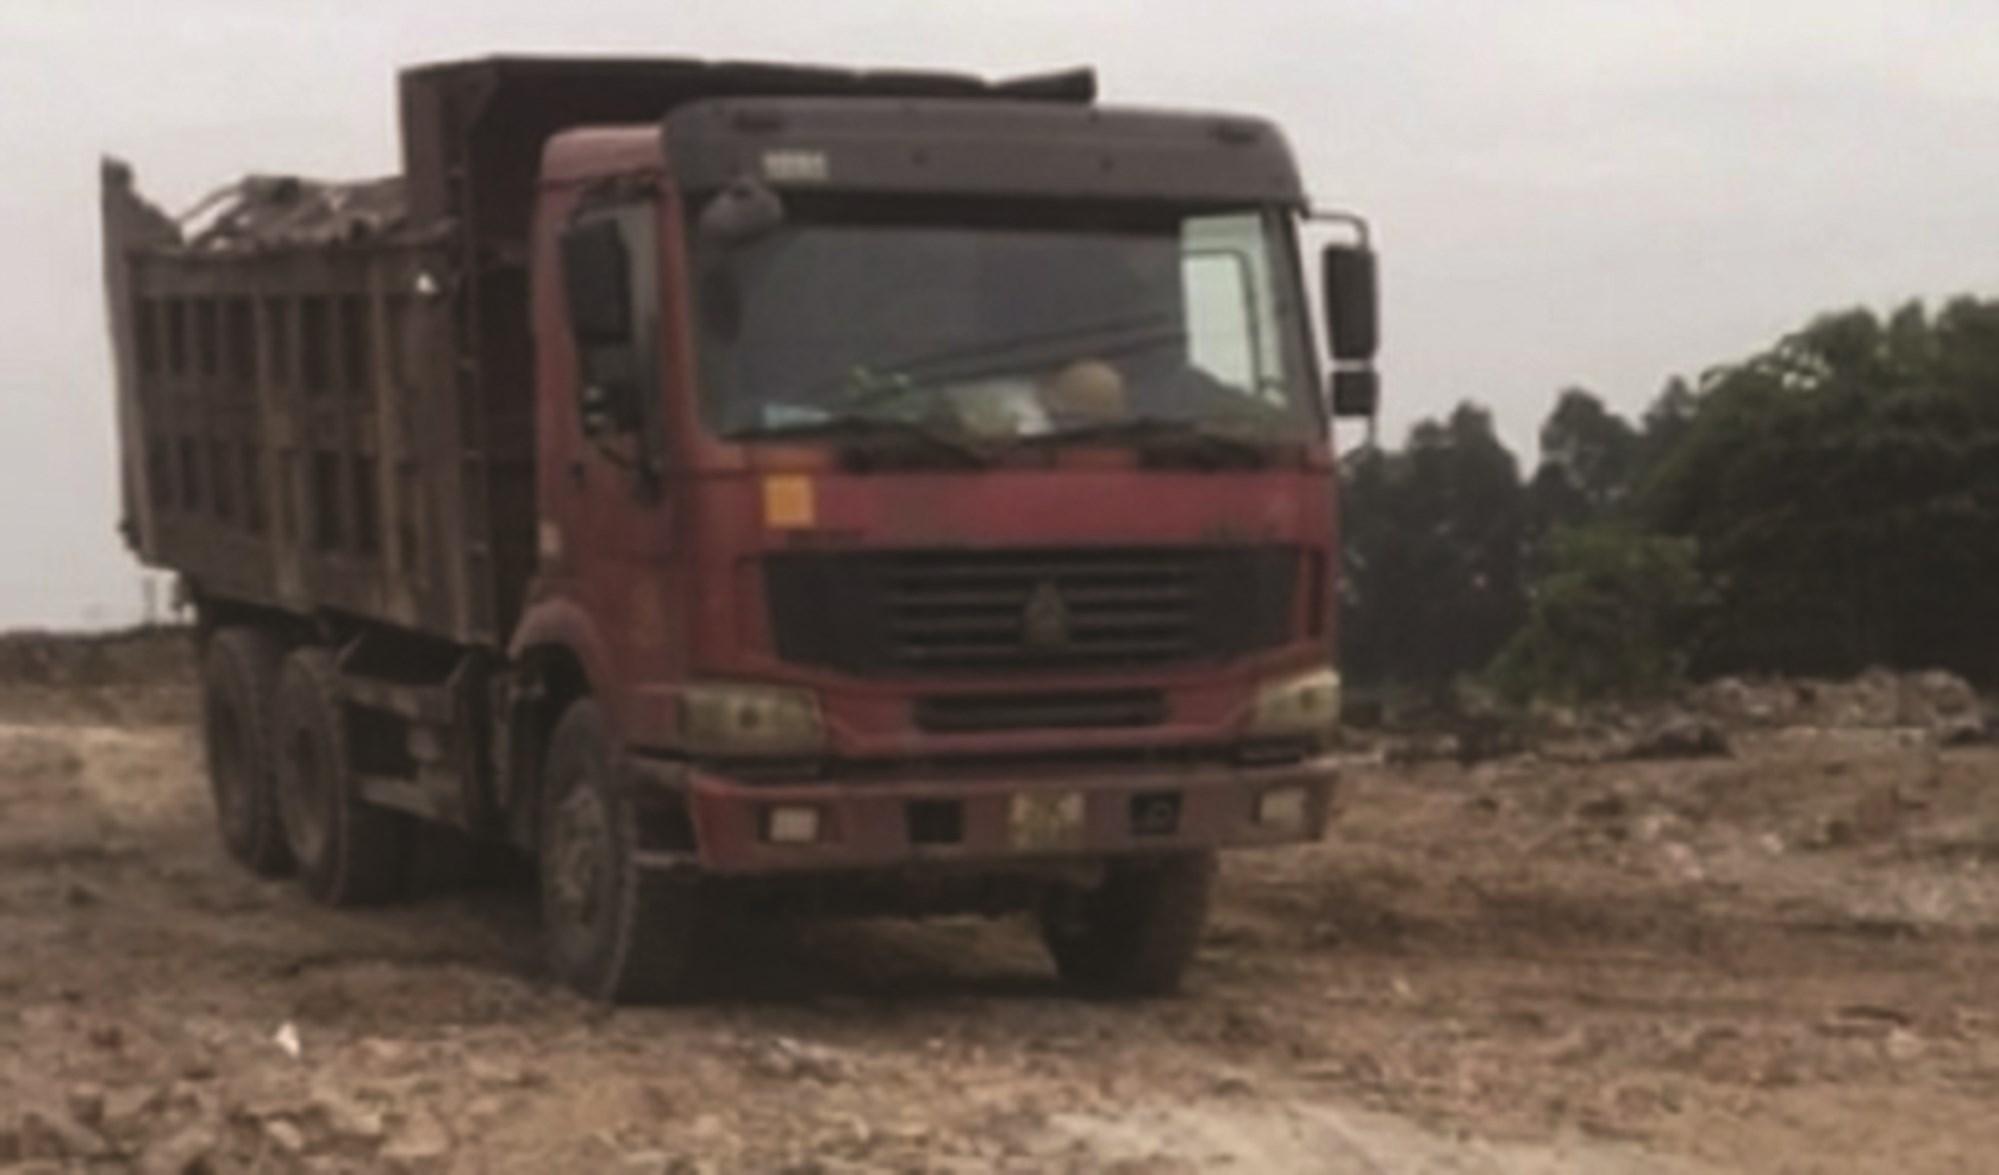 Những chiếc xe trọng tải lớn chở chất thải vào khu vực bãi đất phía sau trường tập bắn phường Yên Sở